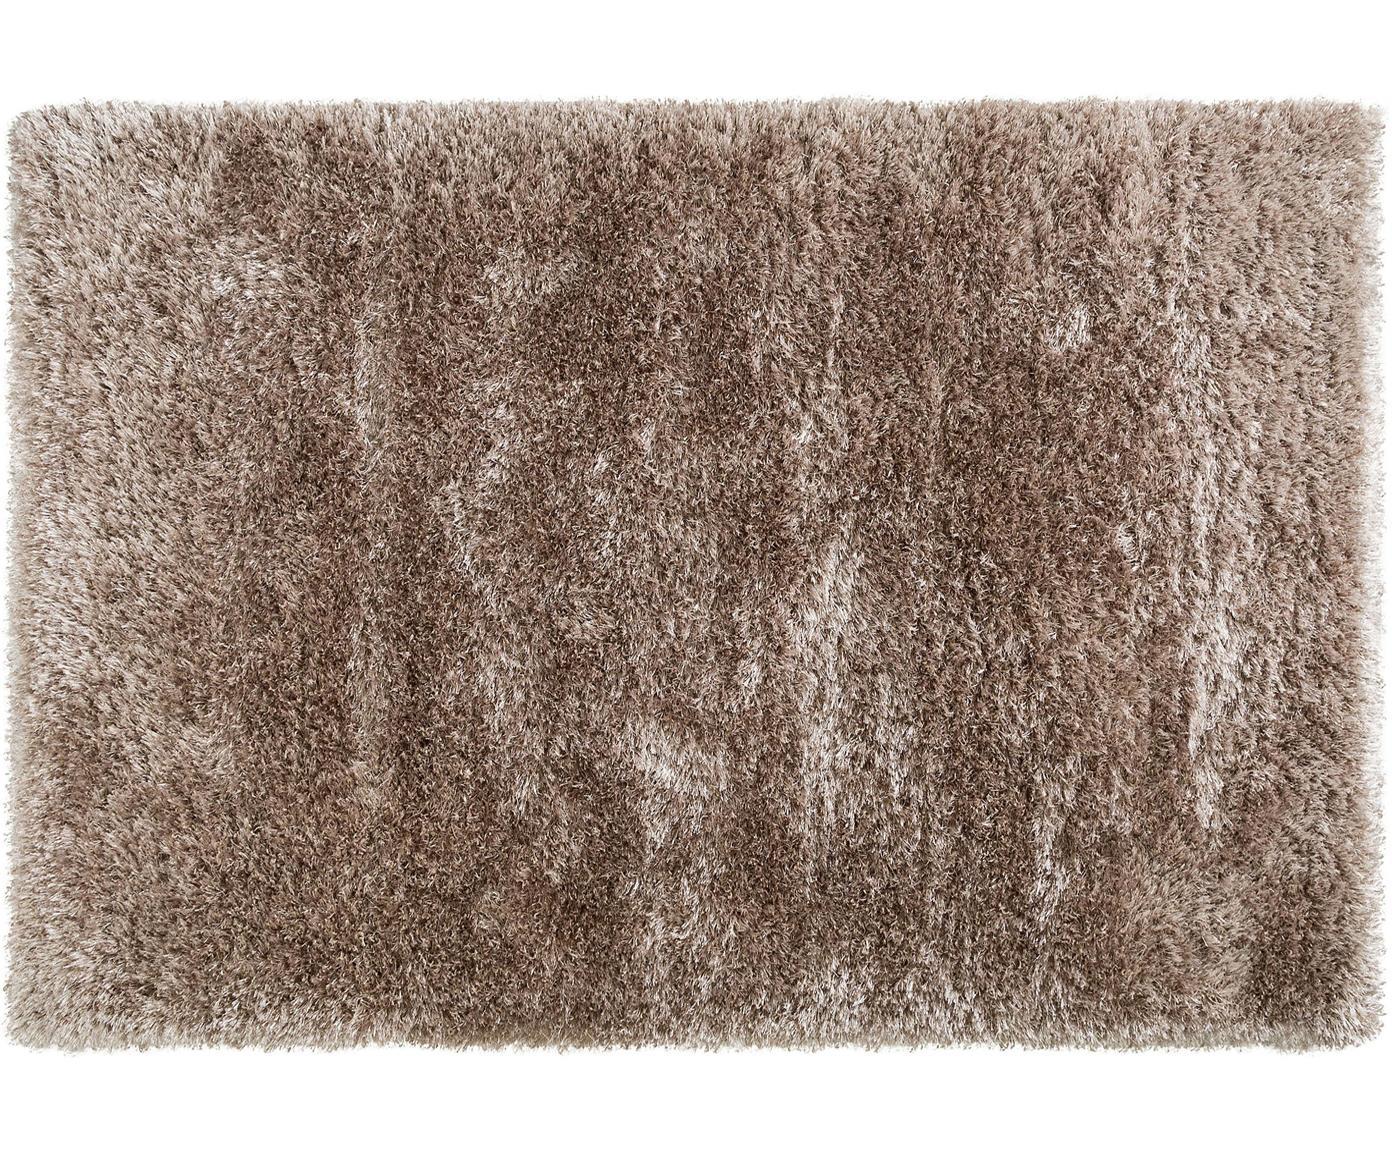 Glänzender Hochflor-Teppich Lea in Beige, 50% Polyester, 50% Polypropylen, Beige, B 140 x L 200 cm (Größe S)